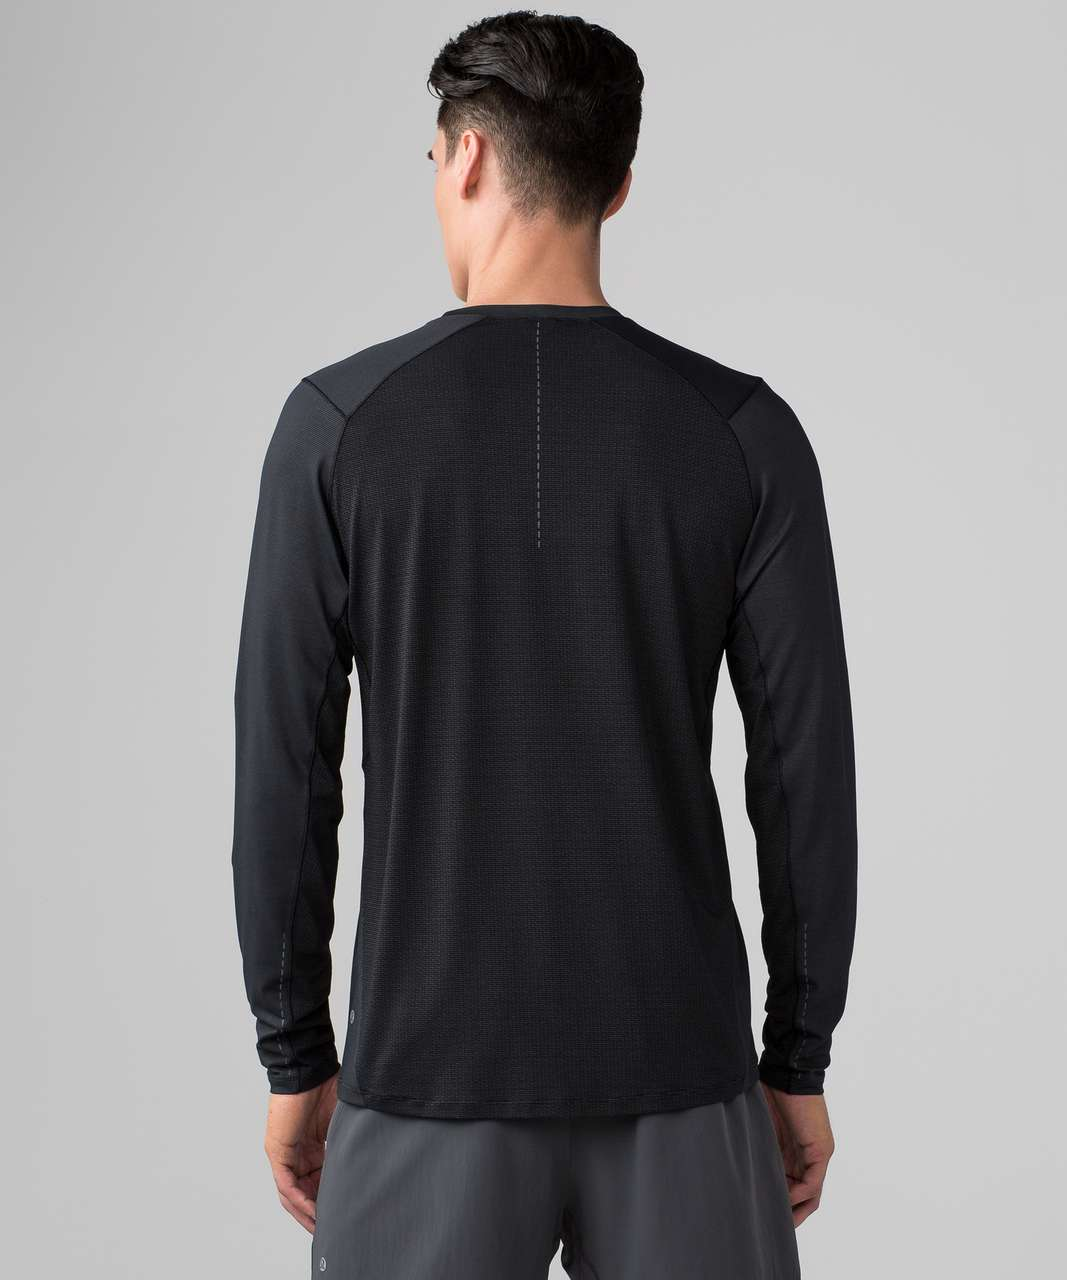 Lululemon All Terrain Long Sleeve - Black